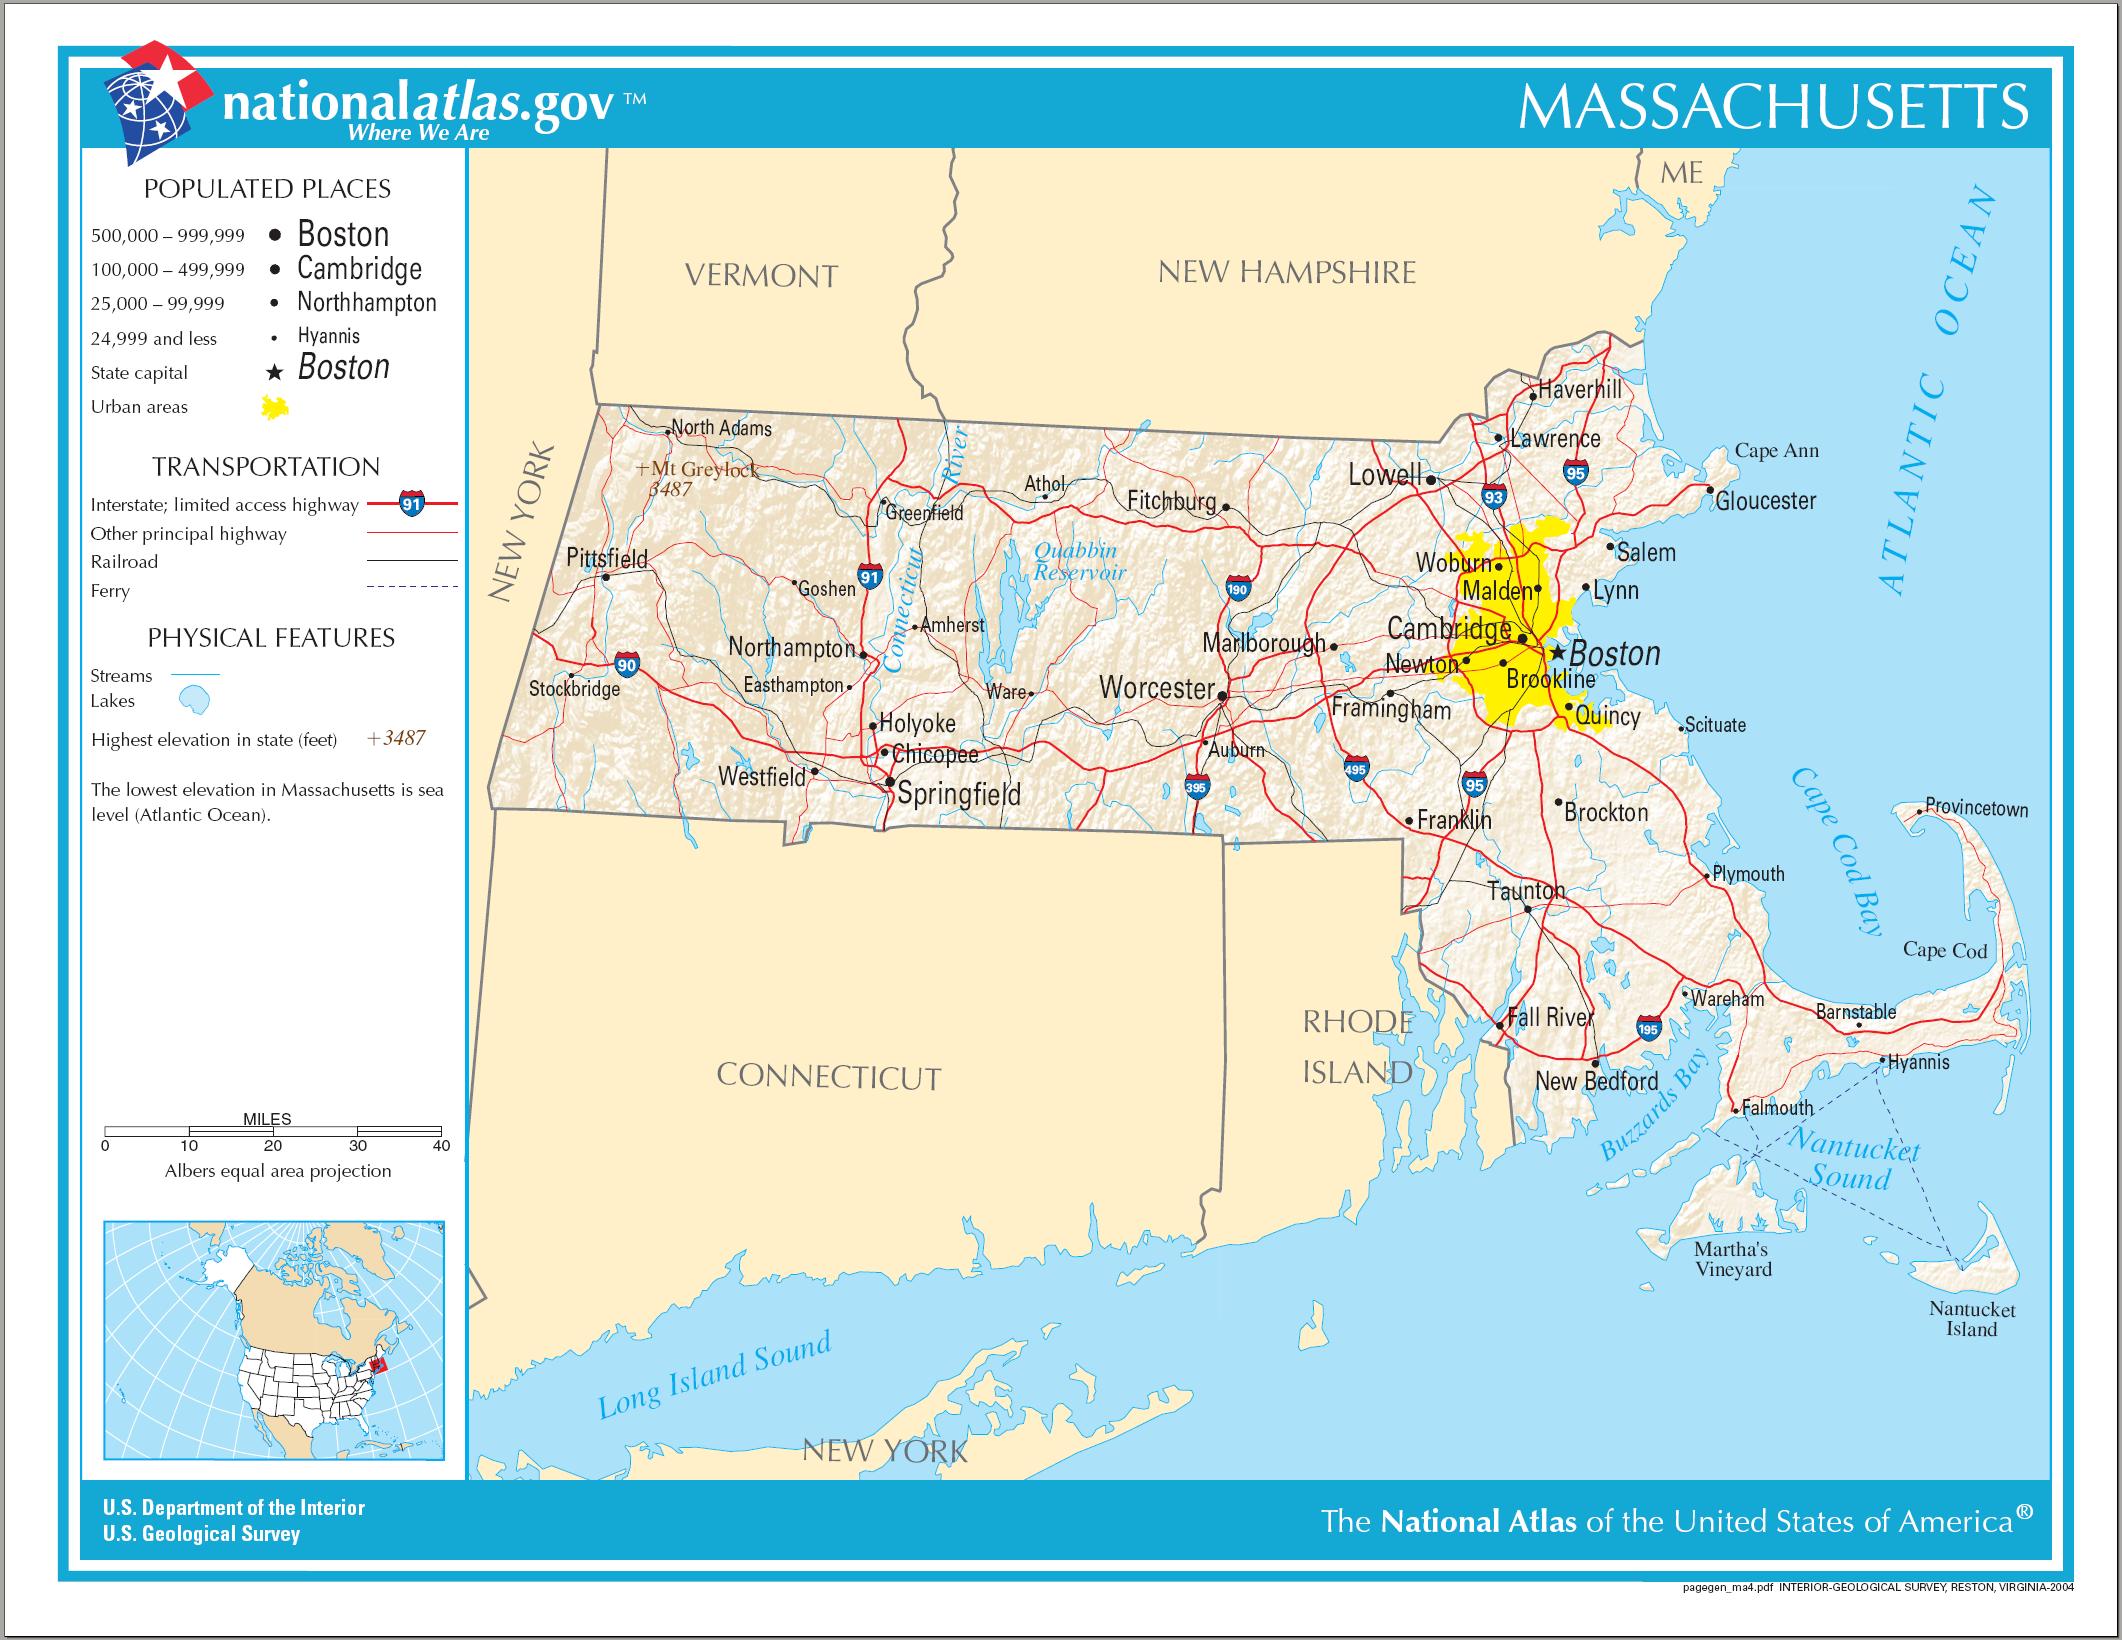 Где на карте находится бостон